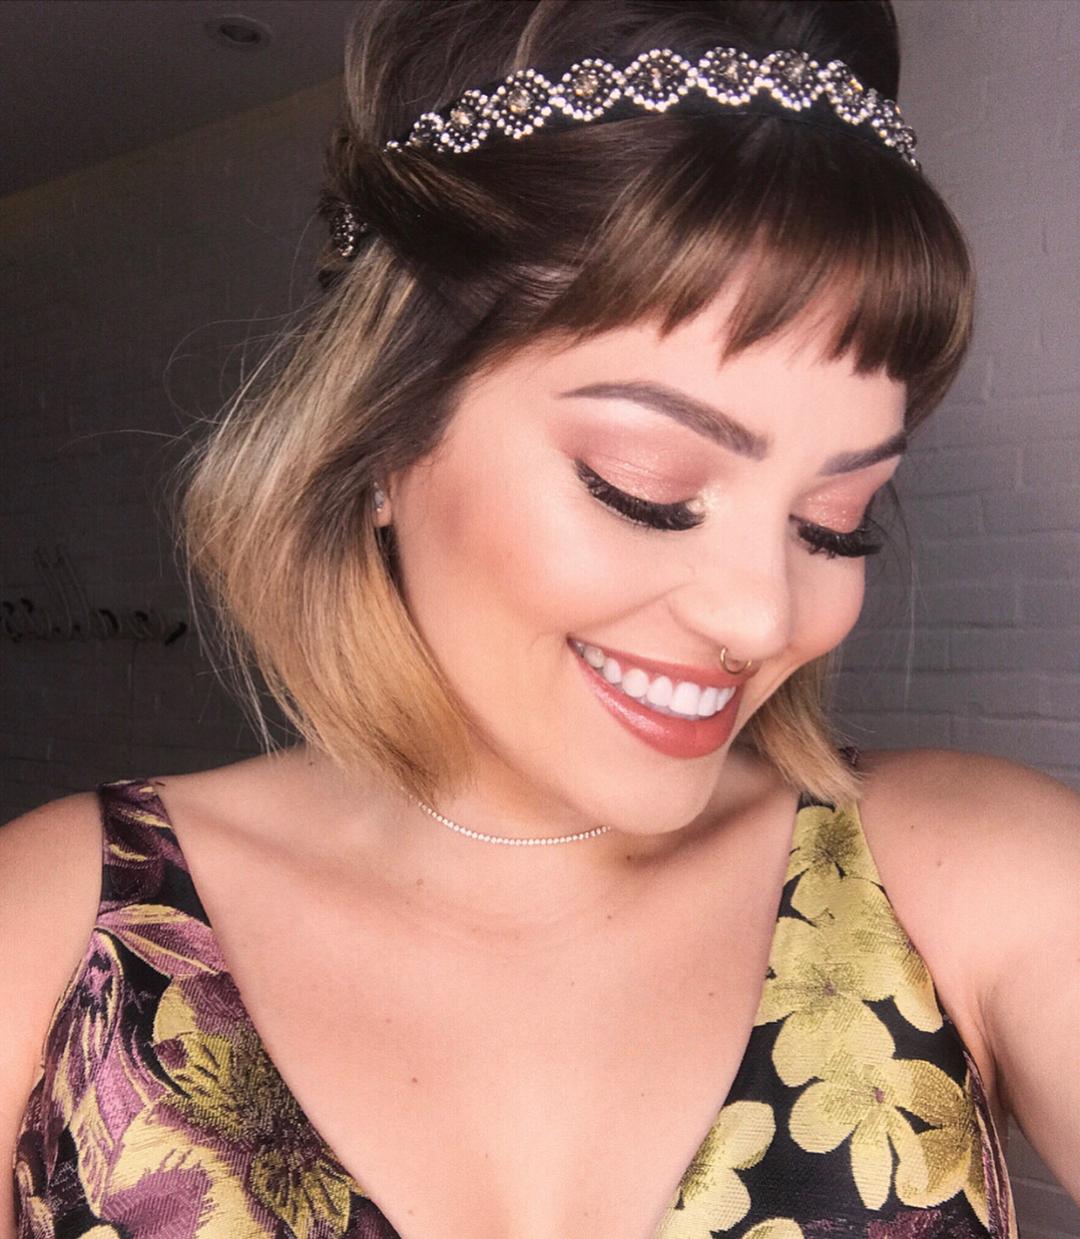 Franja-curta:-Melhores-dicas-de-penteados-atuais-para-mulheres-modernas